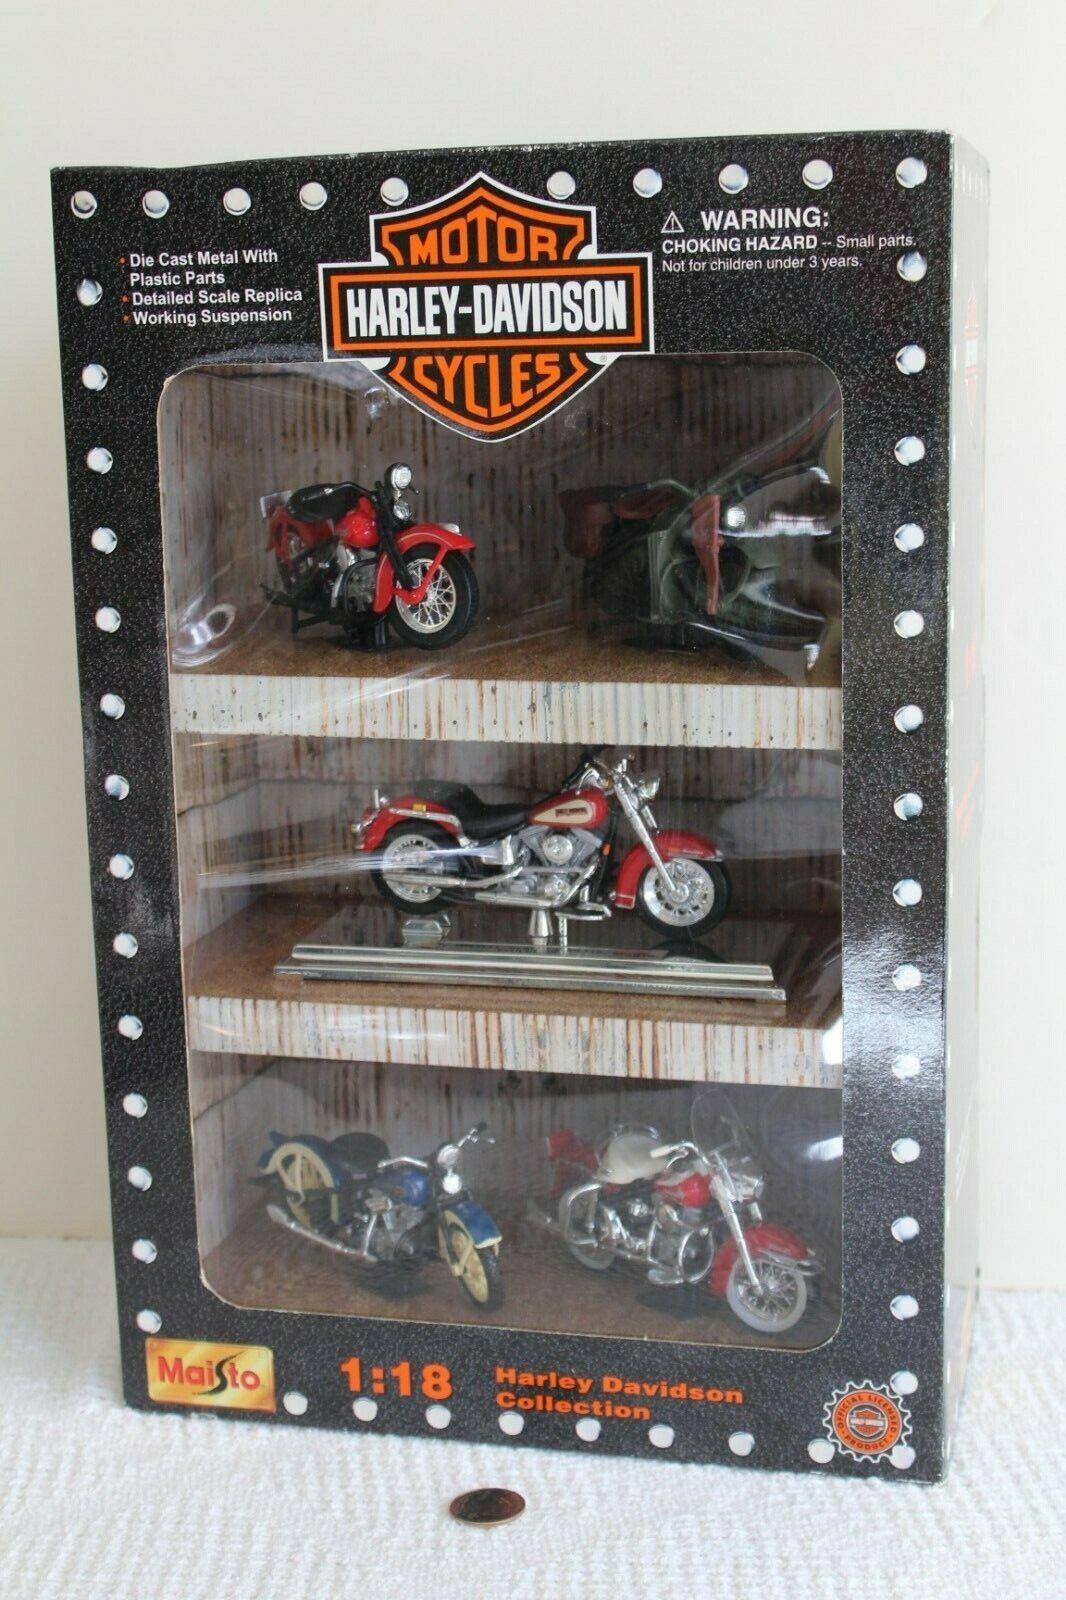 Harley Davidson 1 18 Maisto Die Cast 5 Piece Collection 1999 NEW SEALED BOX MISB